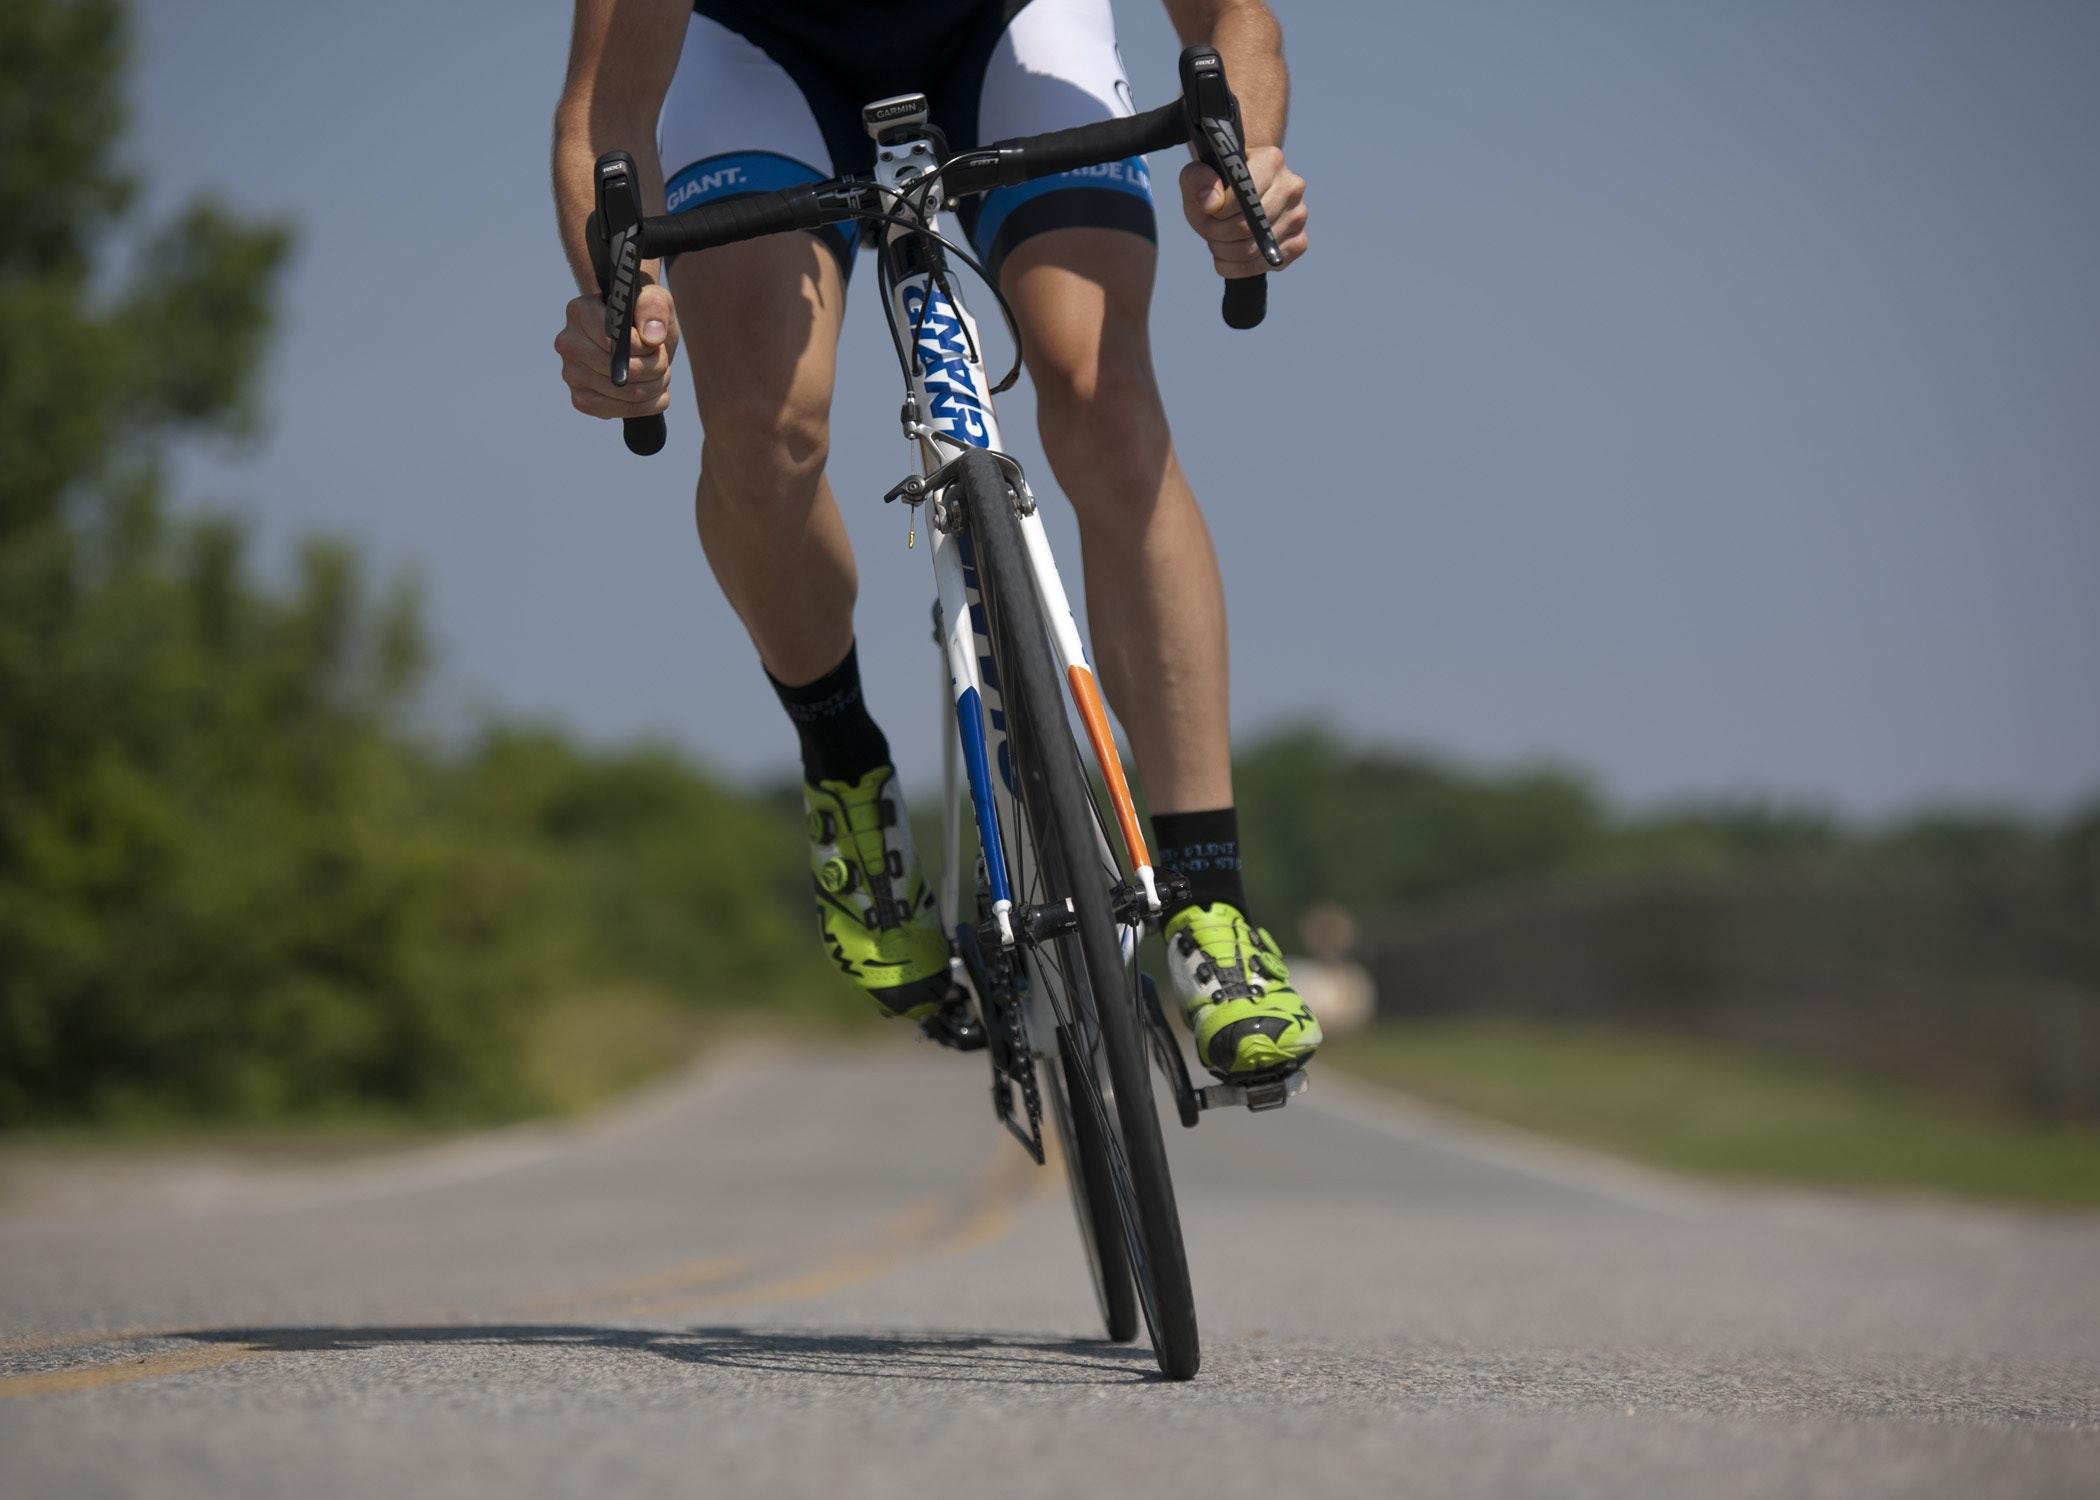 Ciclismo: un toccasana per l'ambiente e la salute, ma nel rispetto delle regole